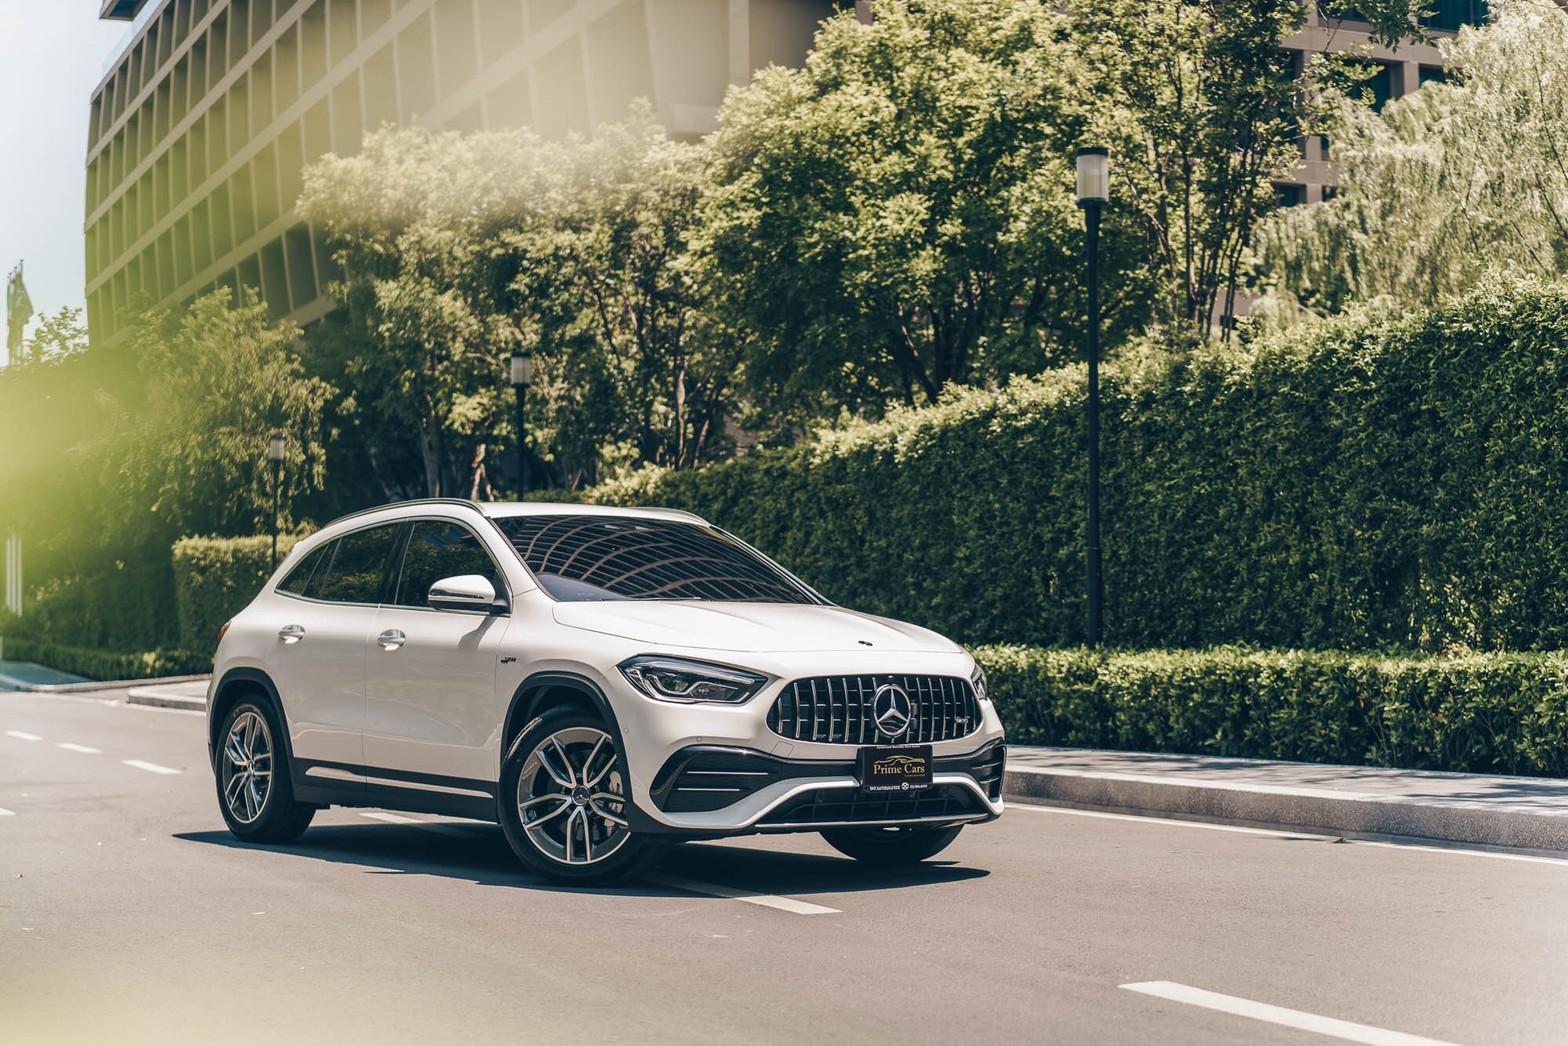 เช่ารถเบนซ์ ราคา ไม่แรง Mercedes-AMG GLA 35 4MATIC